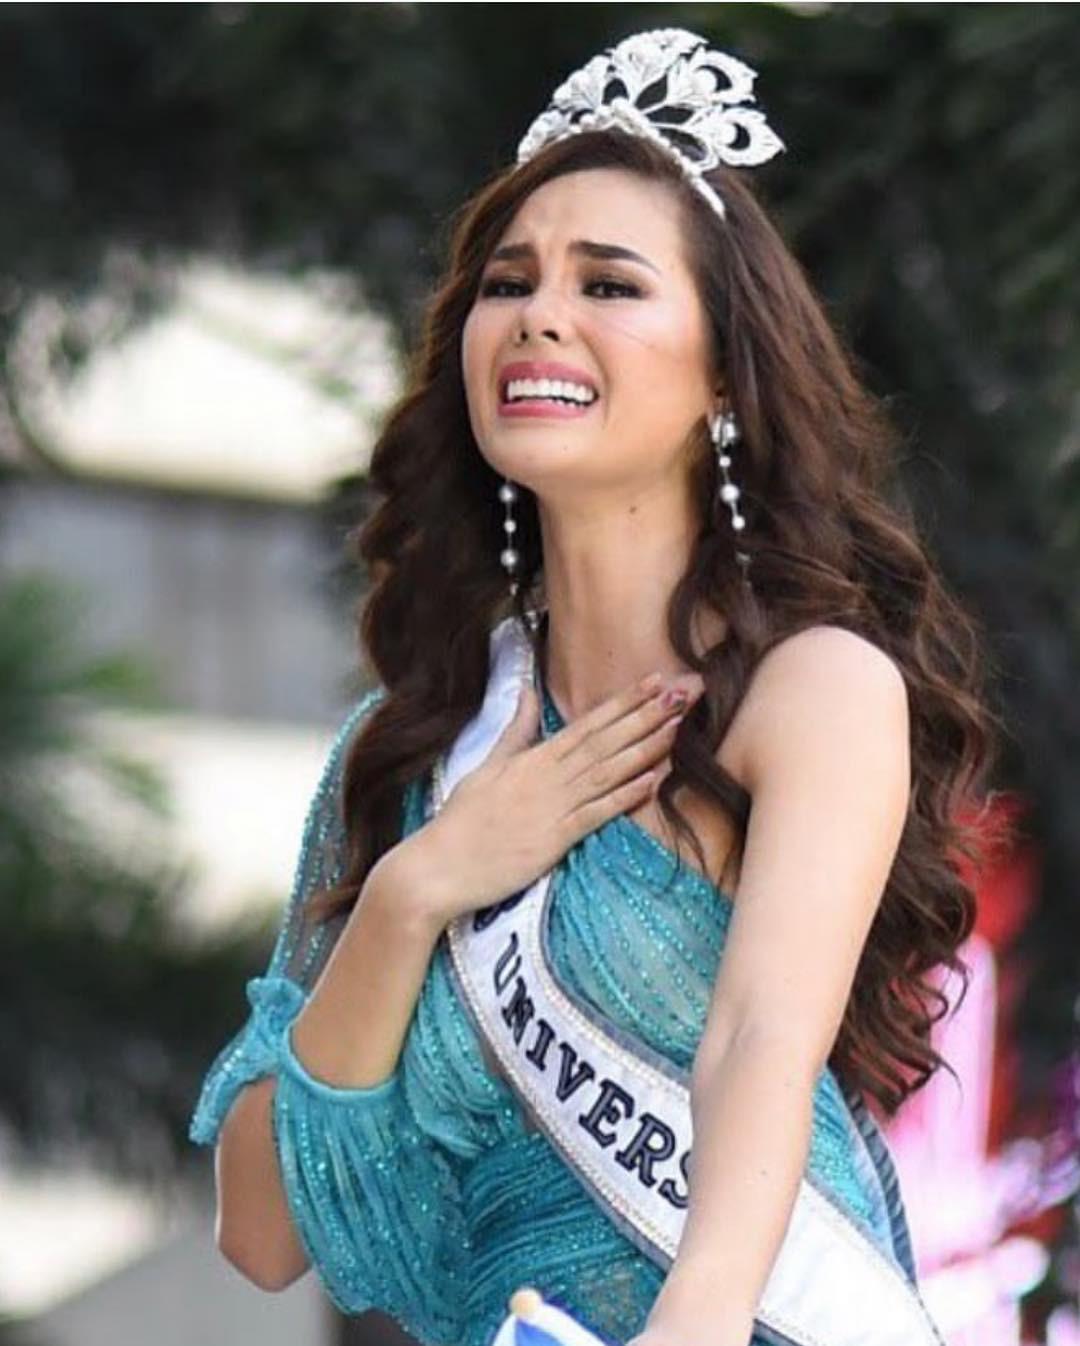 Sự cố hi hữu trong lịch sử Miss Universe: Đang diễu hành, Hoa hậu làm vỡ vương miện 6 tỉ và phản ứng bất ngờ sau đó - Ảnh 11.